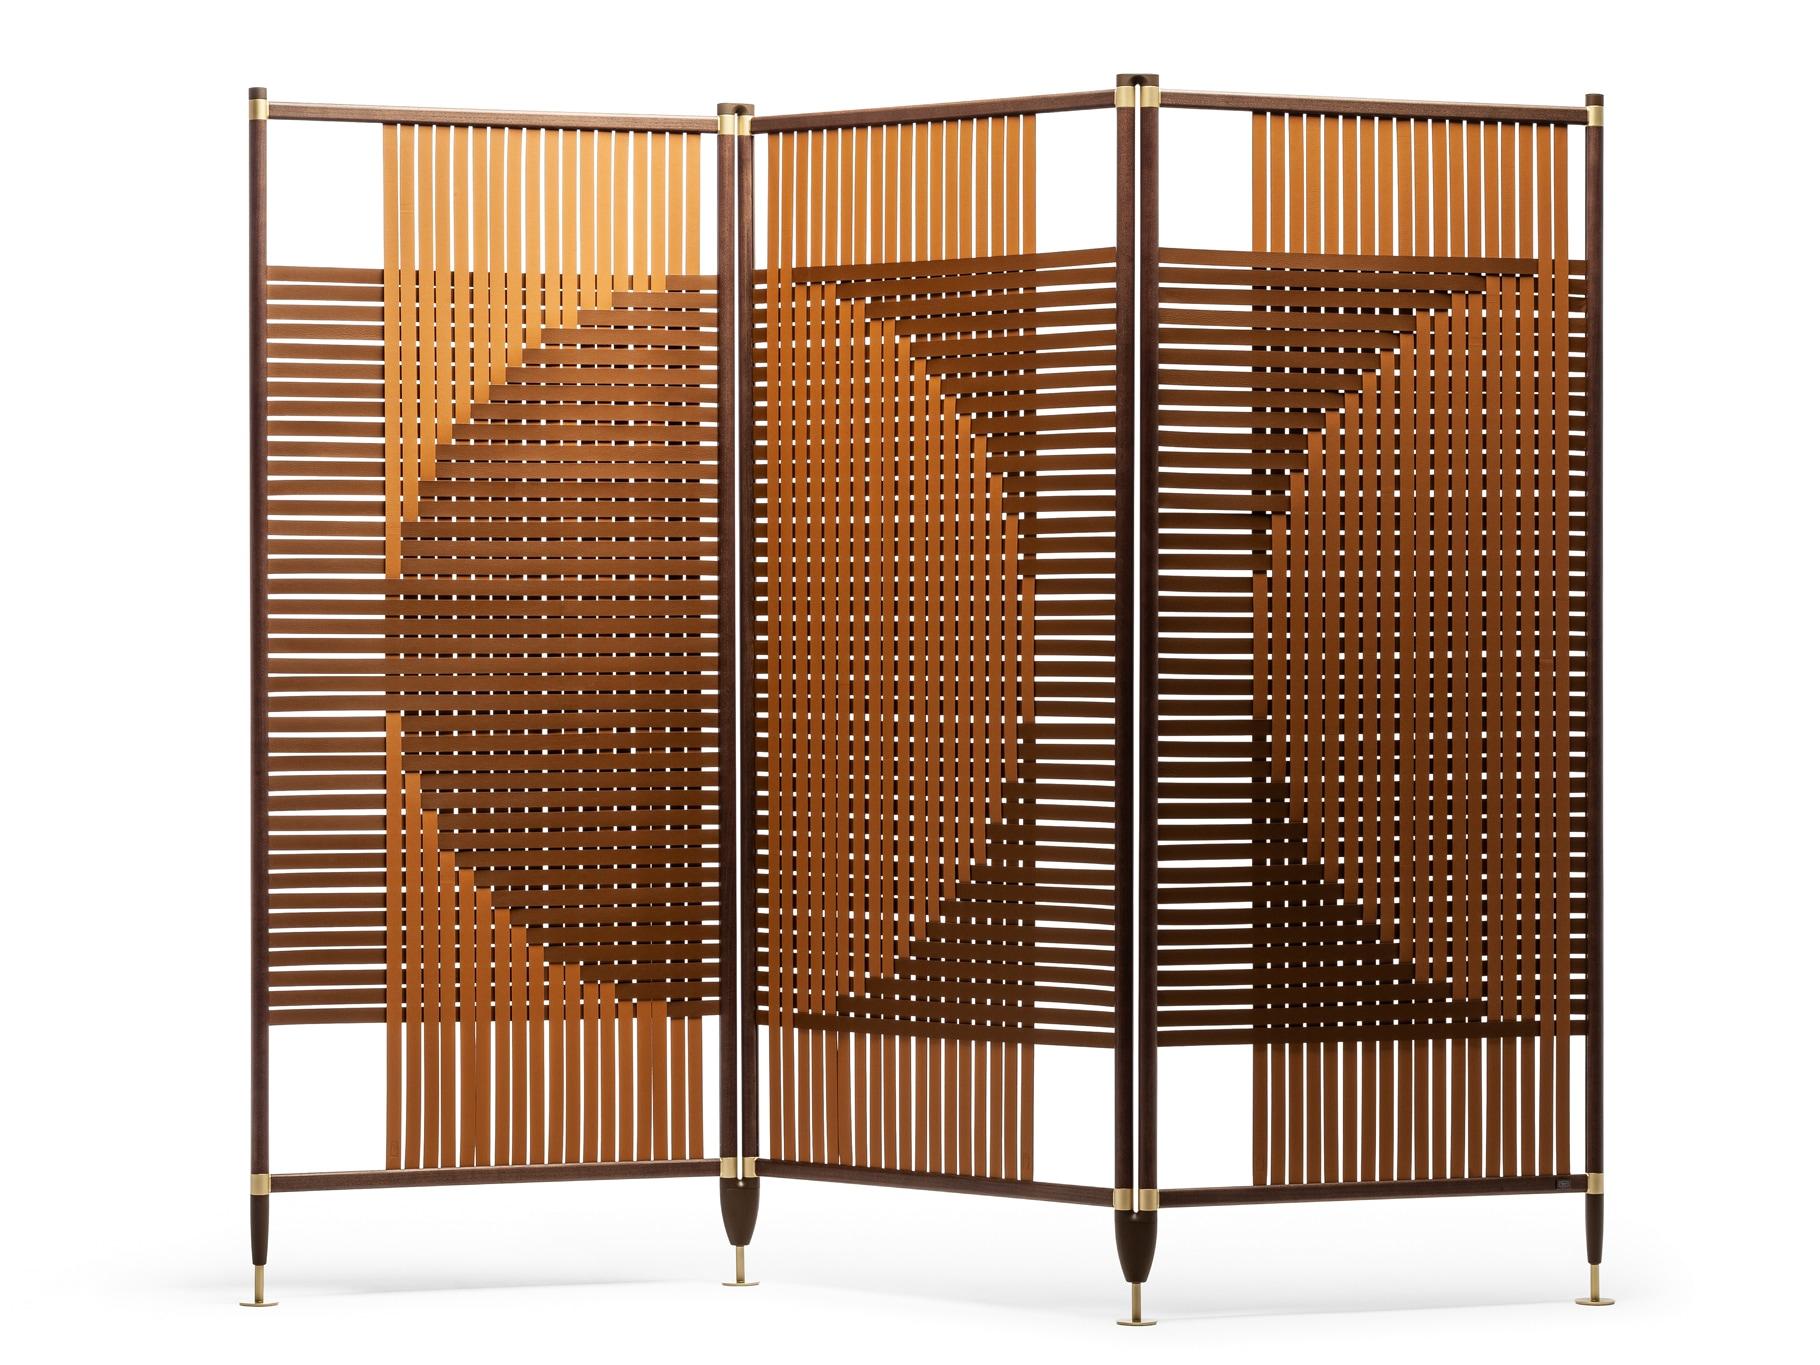 Paravento modulare Plot a tre pannelli, design GamFratesi, con struttura in alluminio e finitura frassino Moka, POLTRONA FRAU (7.000 € + Iva).